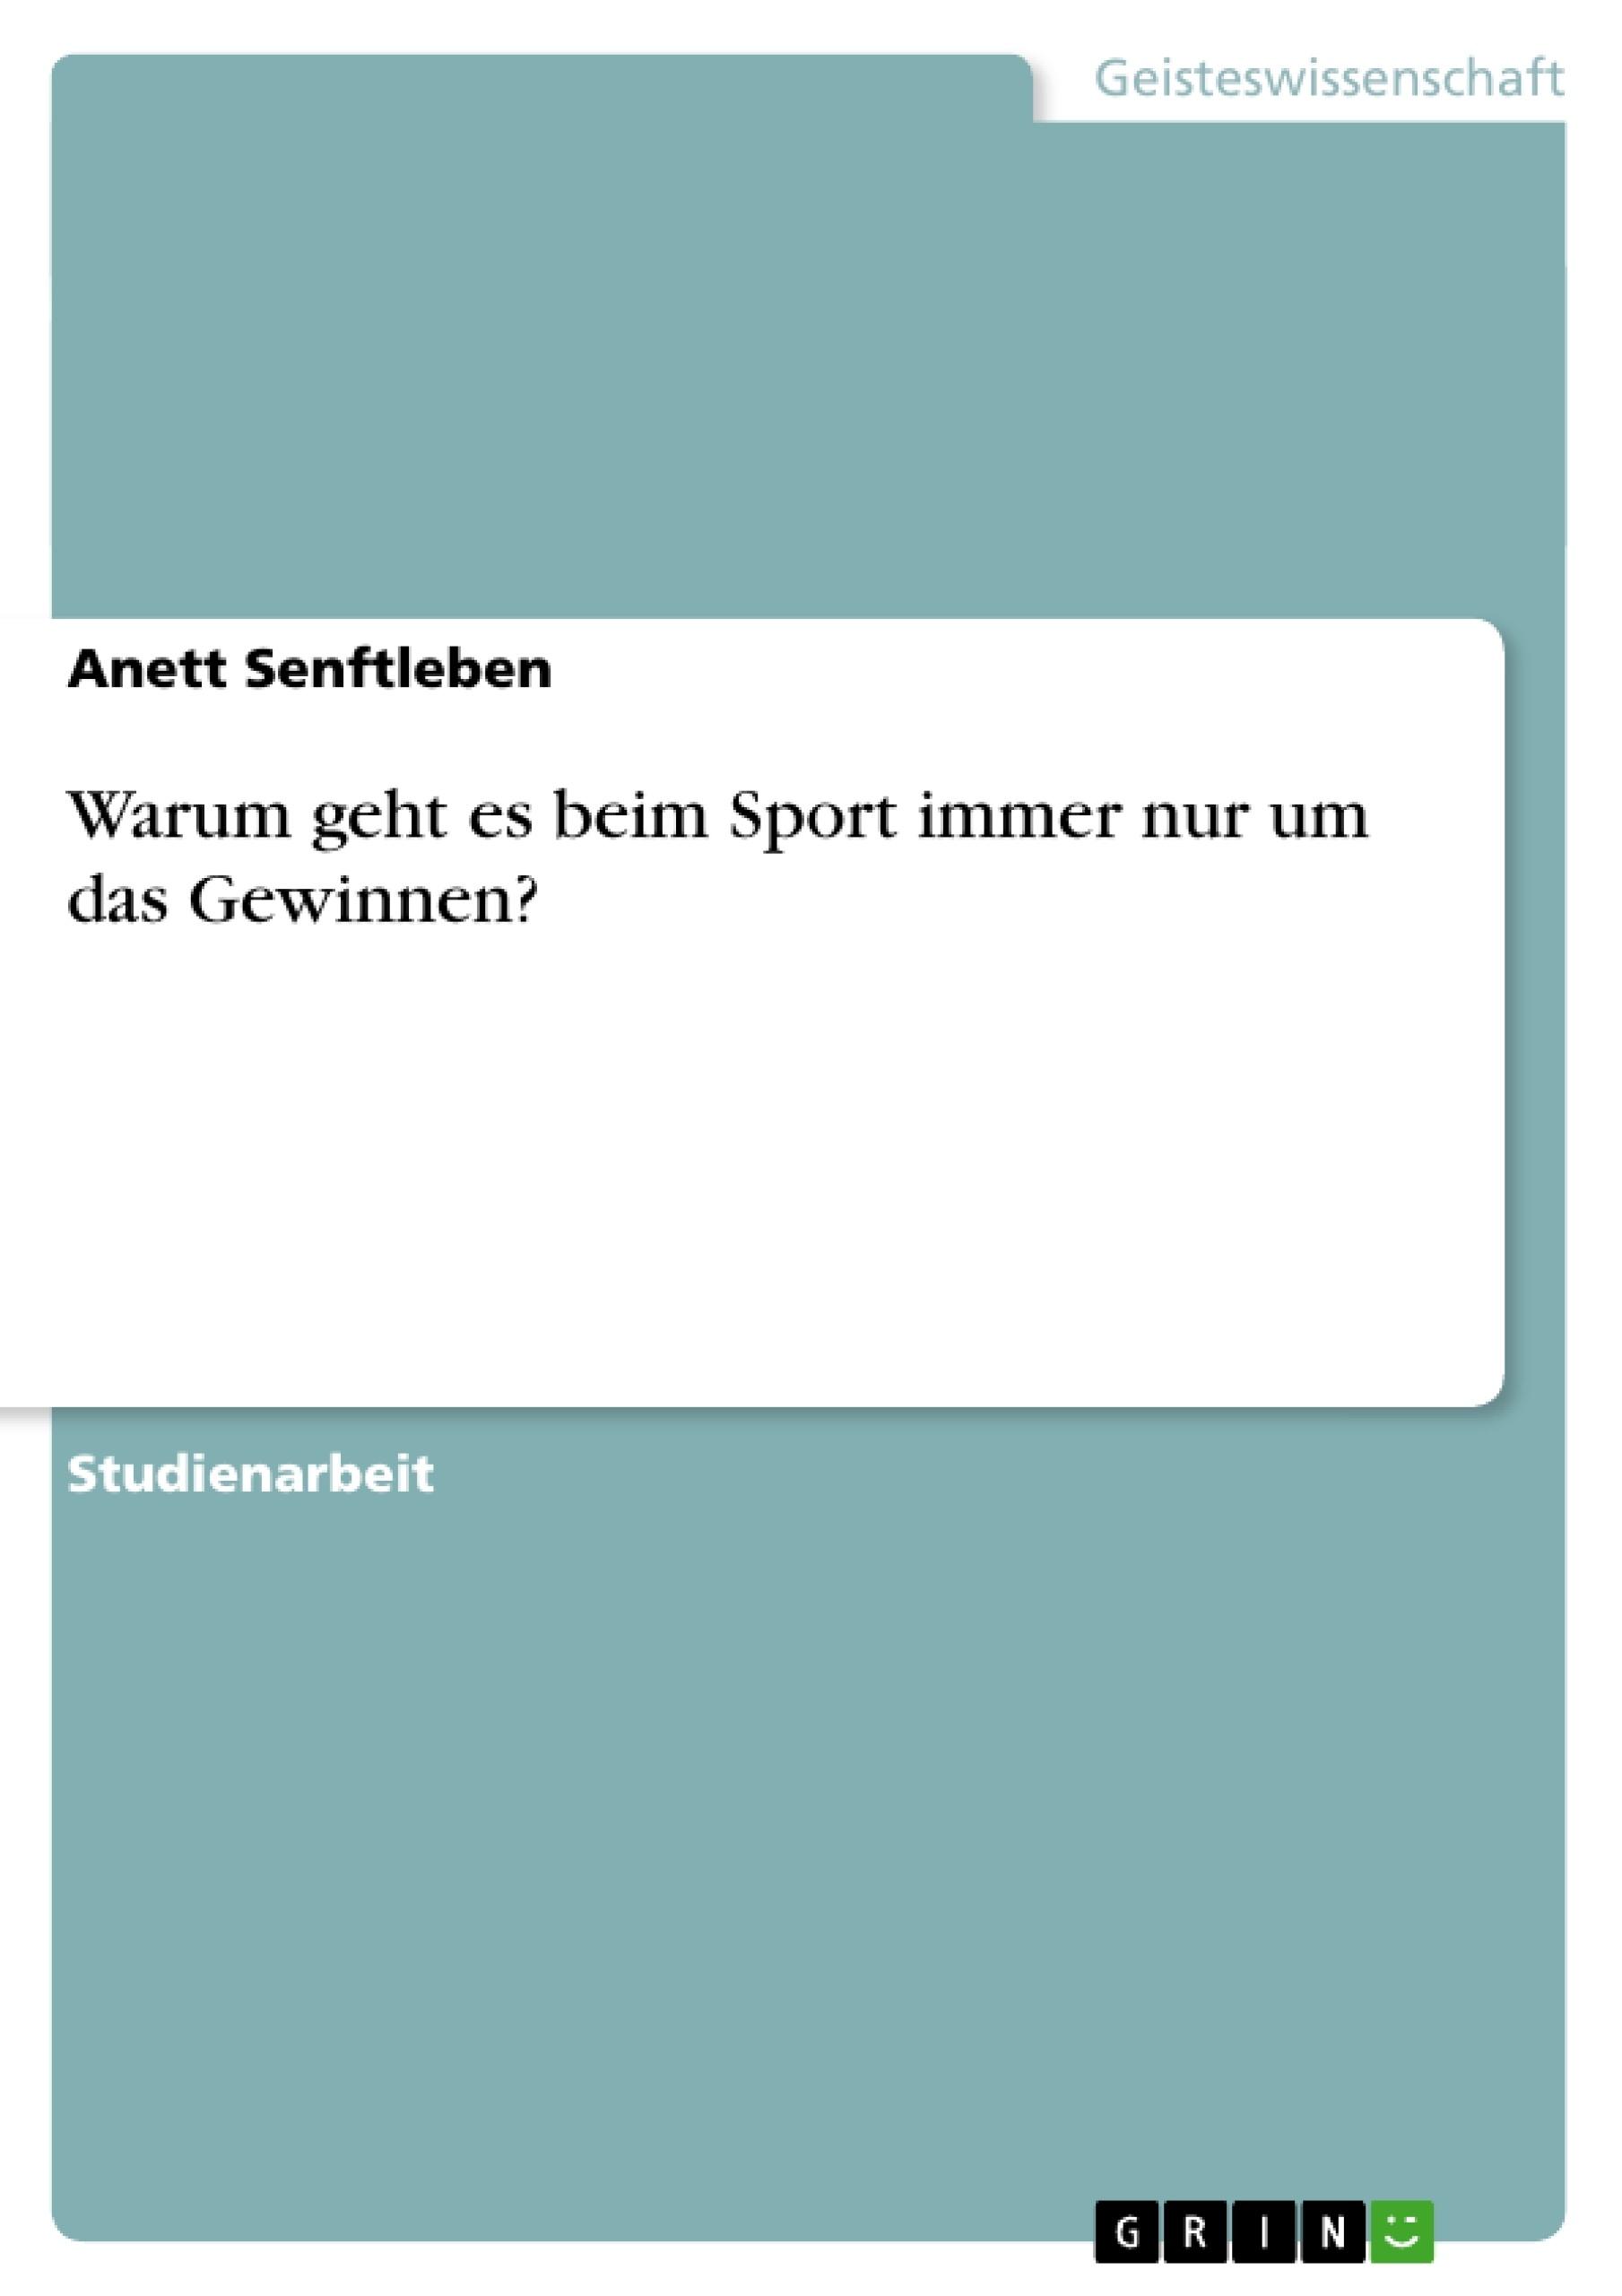 Titel: Warum geht es beim Sport immer nur um das Gewinnen?